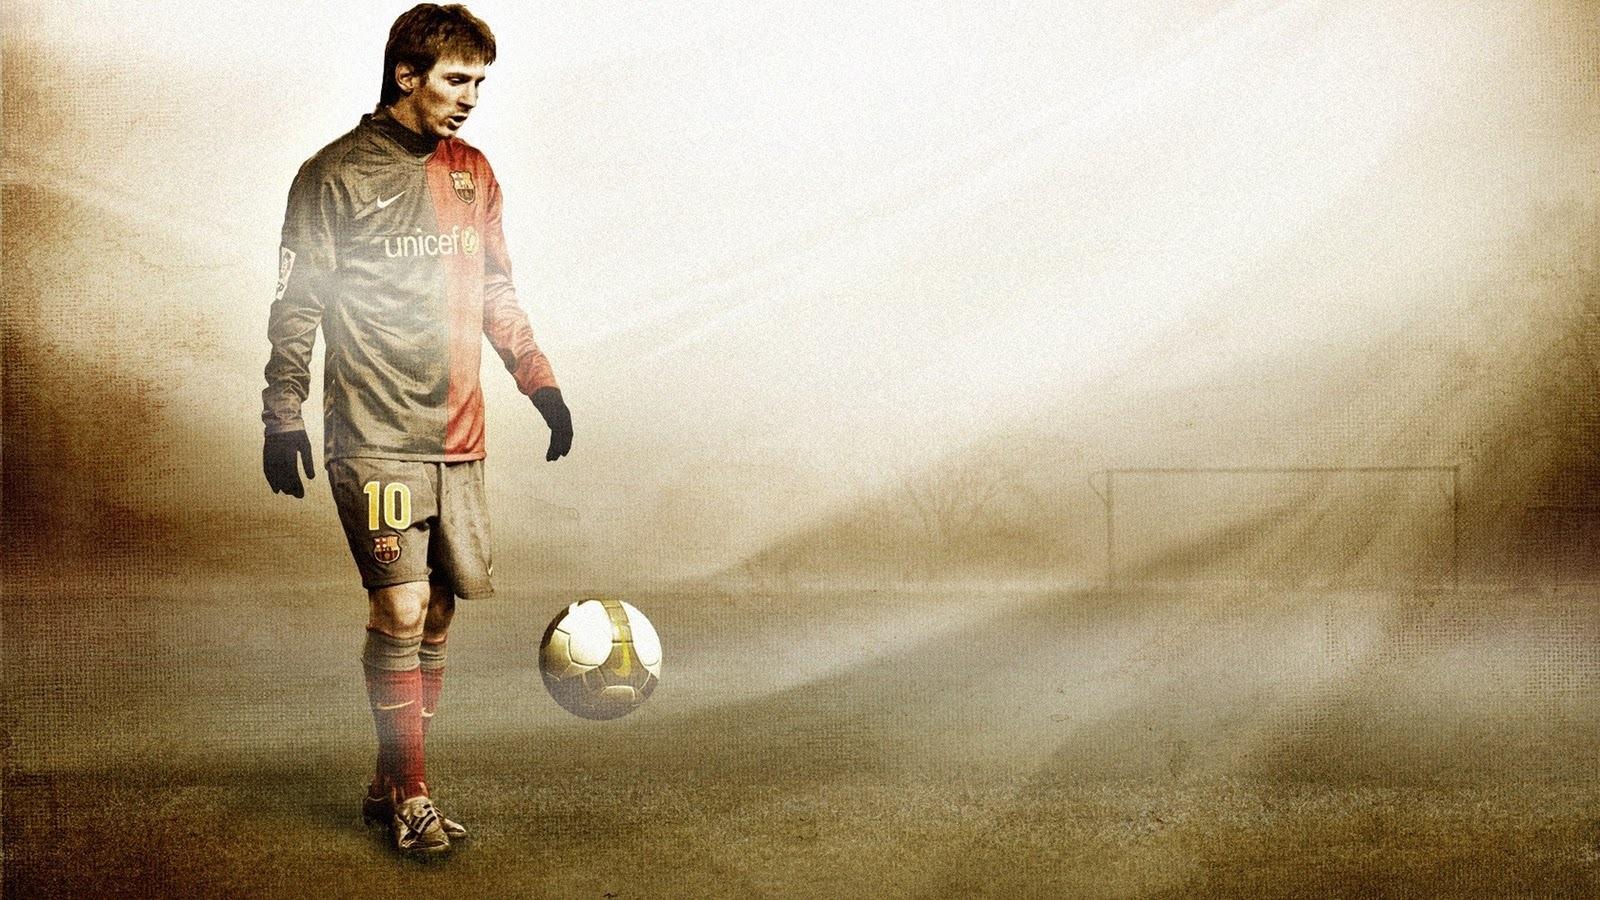 Lionel Messi HD Wallpapers Download Desktop Wallpaper 1600x900